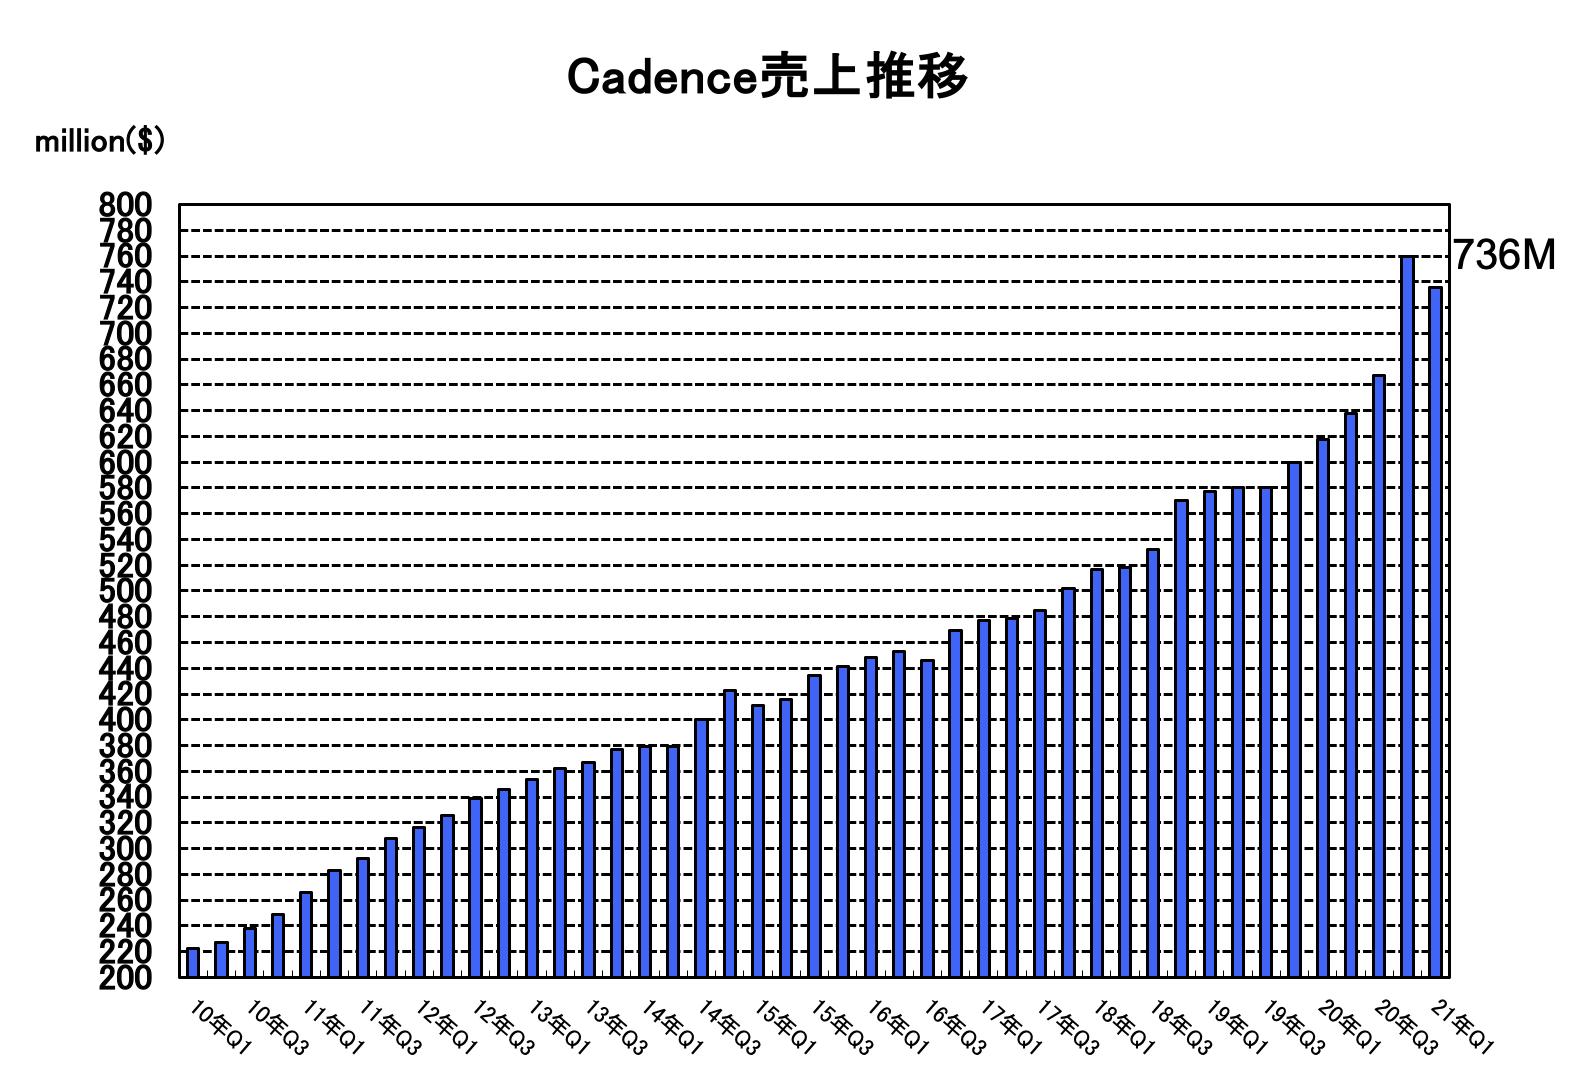 https://www.eda-express.com/%E3%82%B9%E3%82%AF%E3%83%AA%E3%83%BC%E3%83%B3%E3%82%B7%E3%83%A7%E3%83%83%E3%83%88%202021-04-30%206.25.27.png